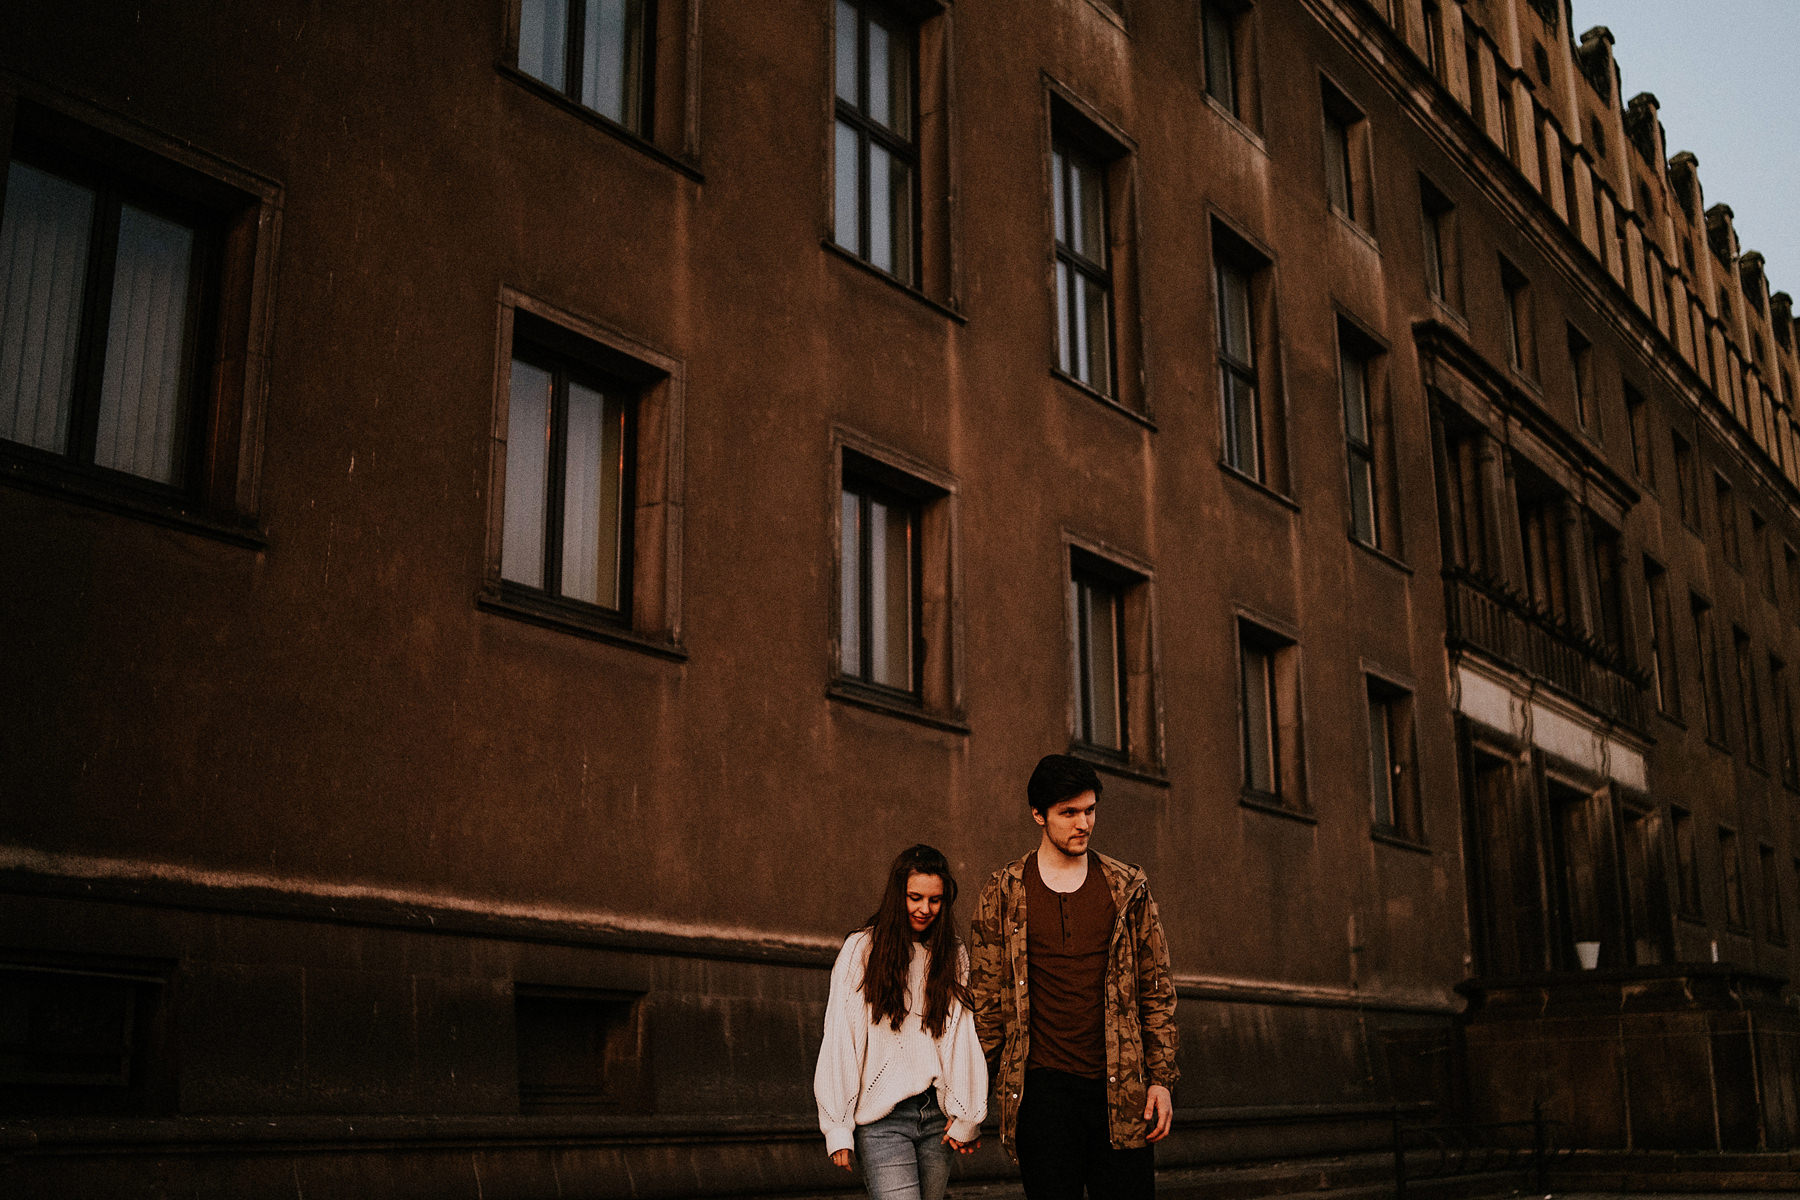 055 sesja fotograficzna nowa huta krakow centrum administracyjne kombinat fotograf slubny karol nycz wedding photography poland